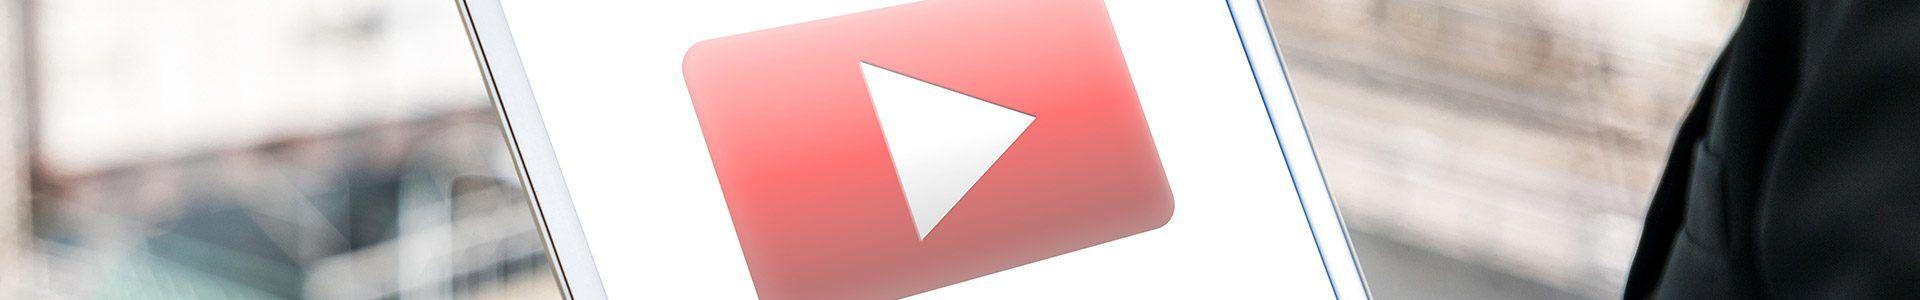 Hoe betrek je mensen bij jouw videoadvertenties